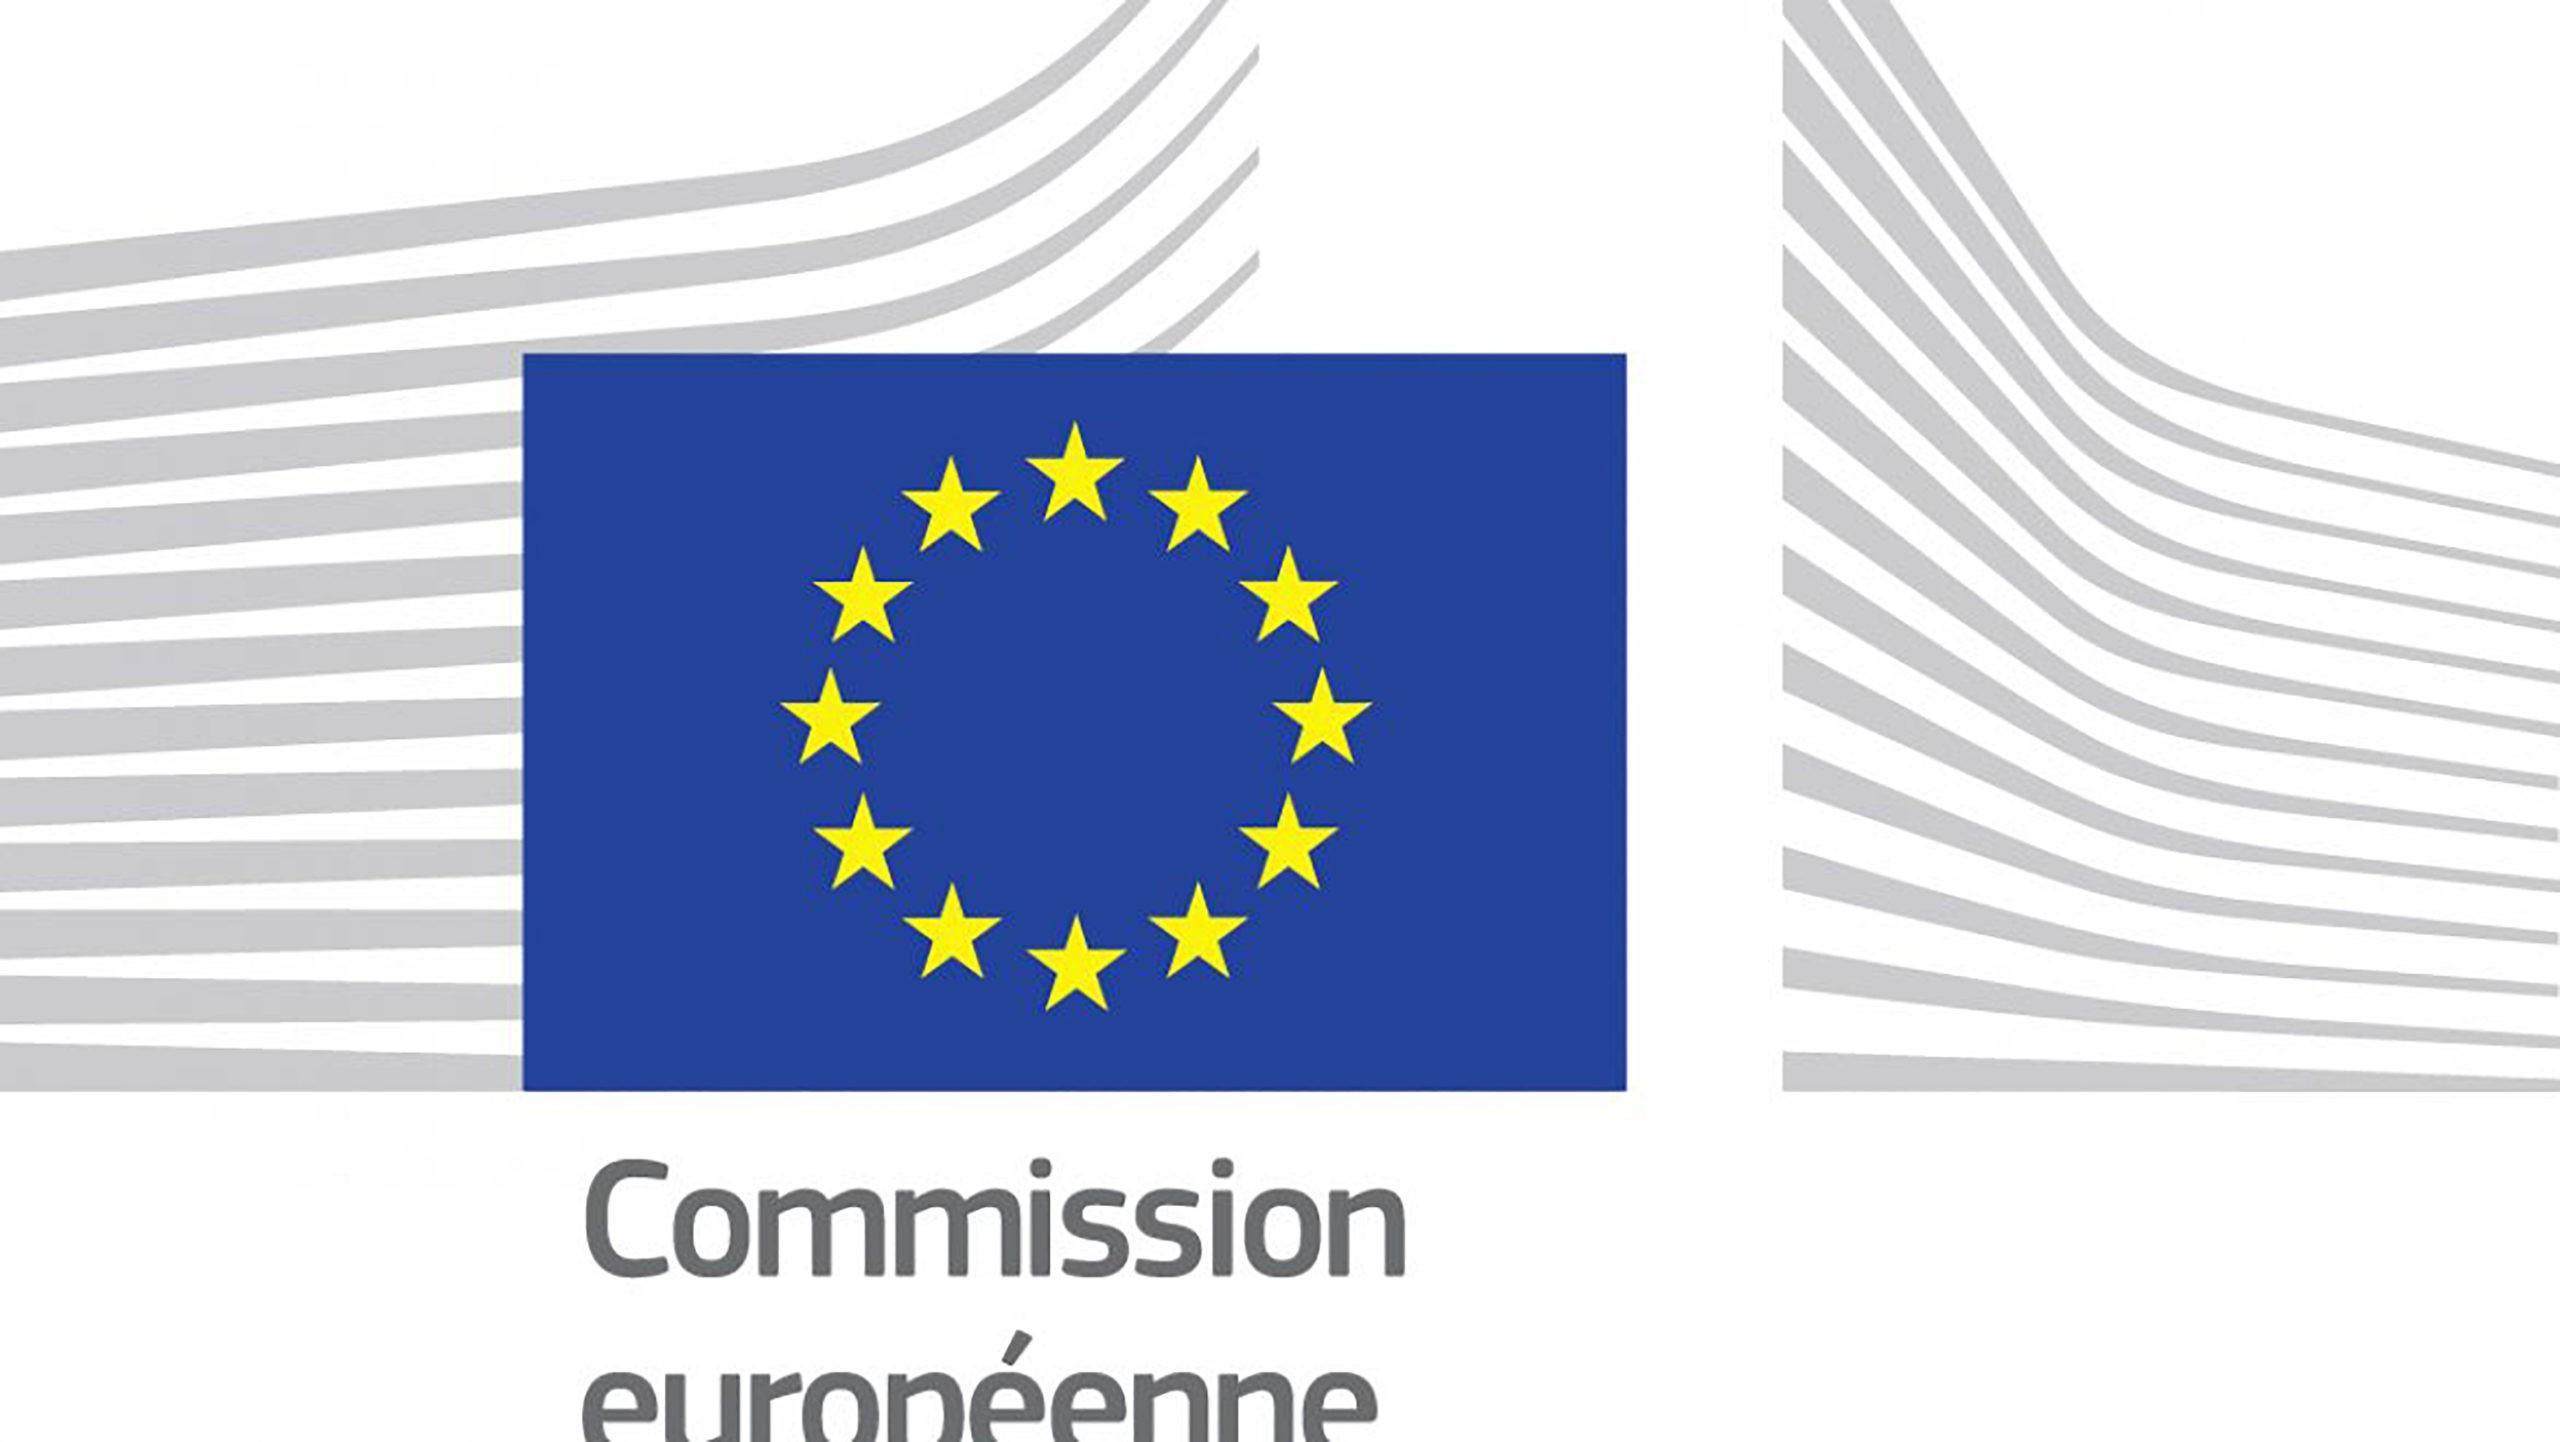 Commision Européenne